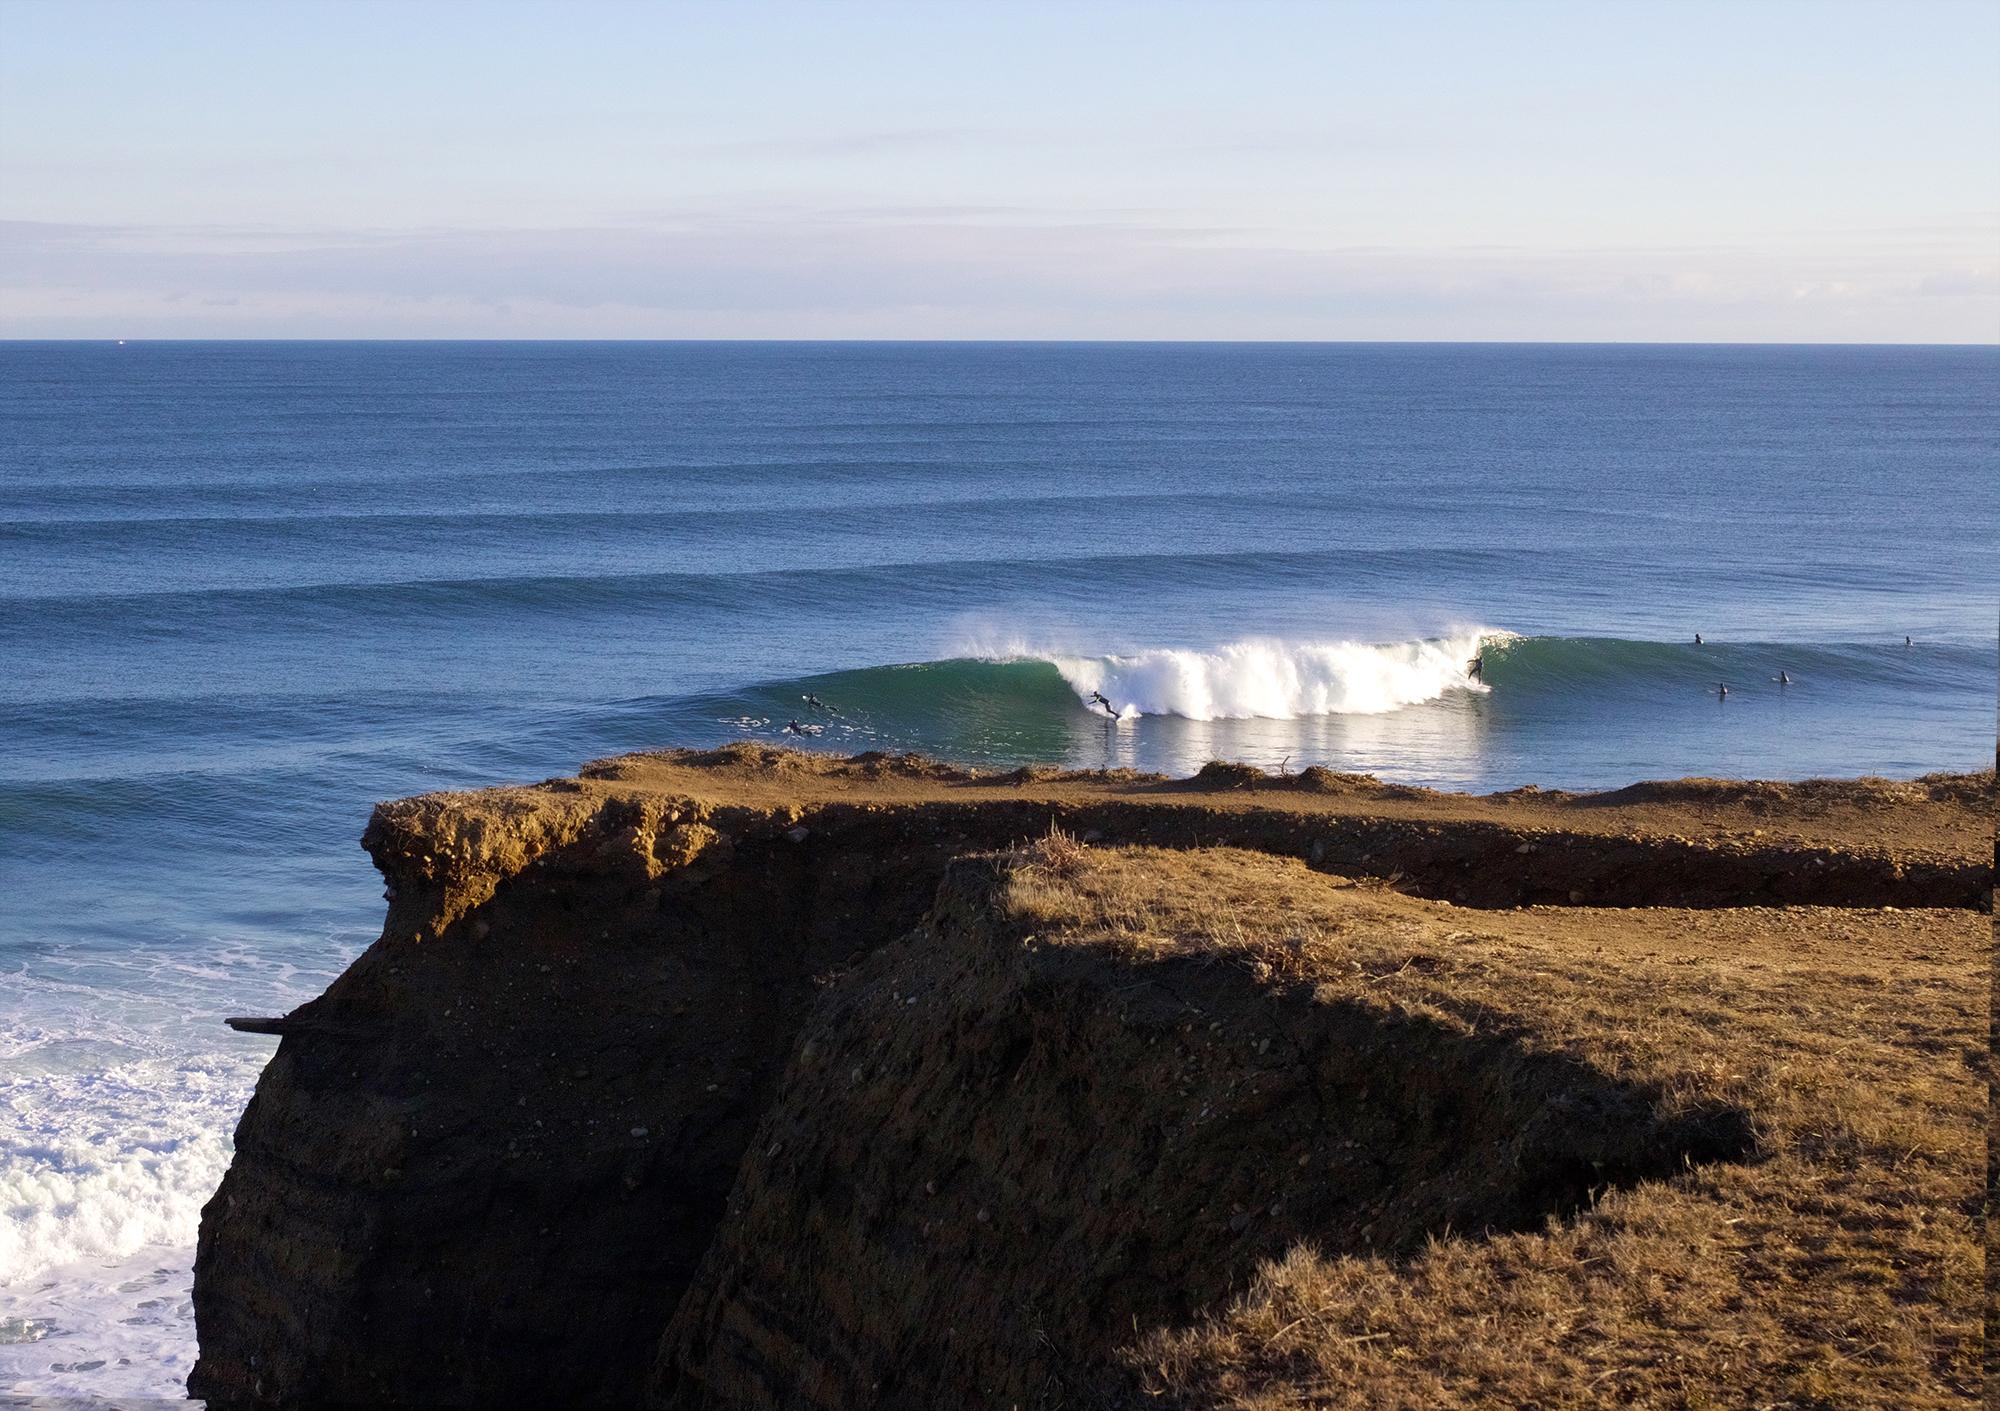 1-19-17 MTK Wave Surfer 9.jpg